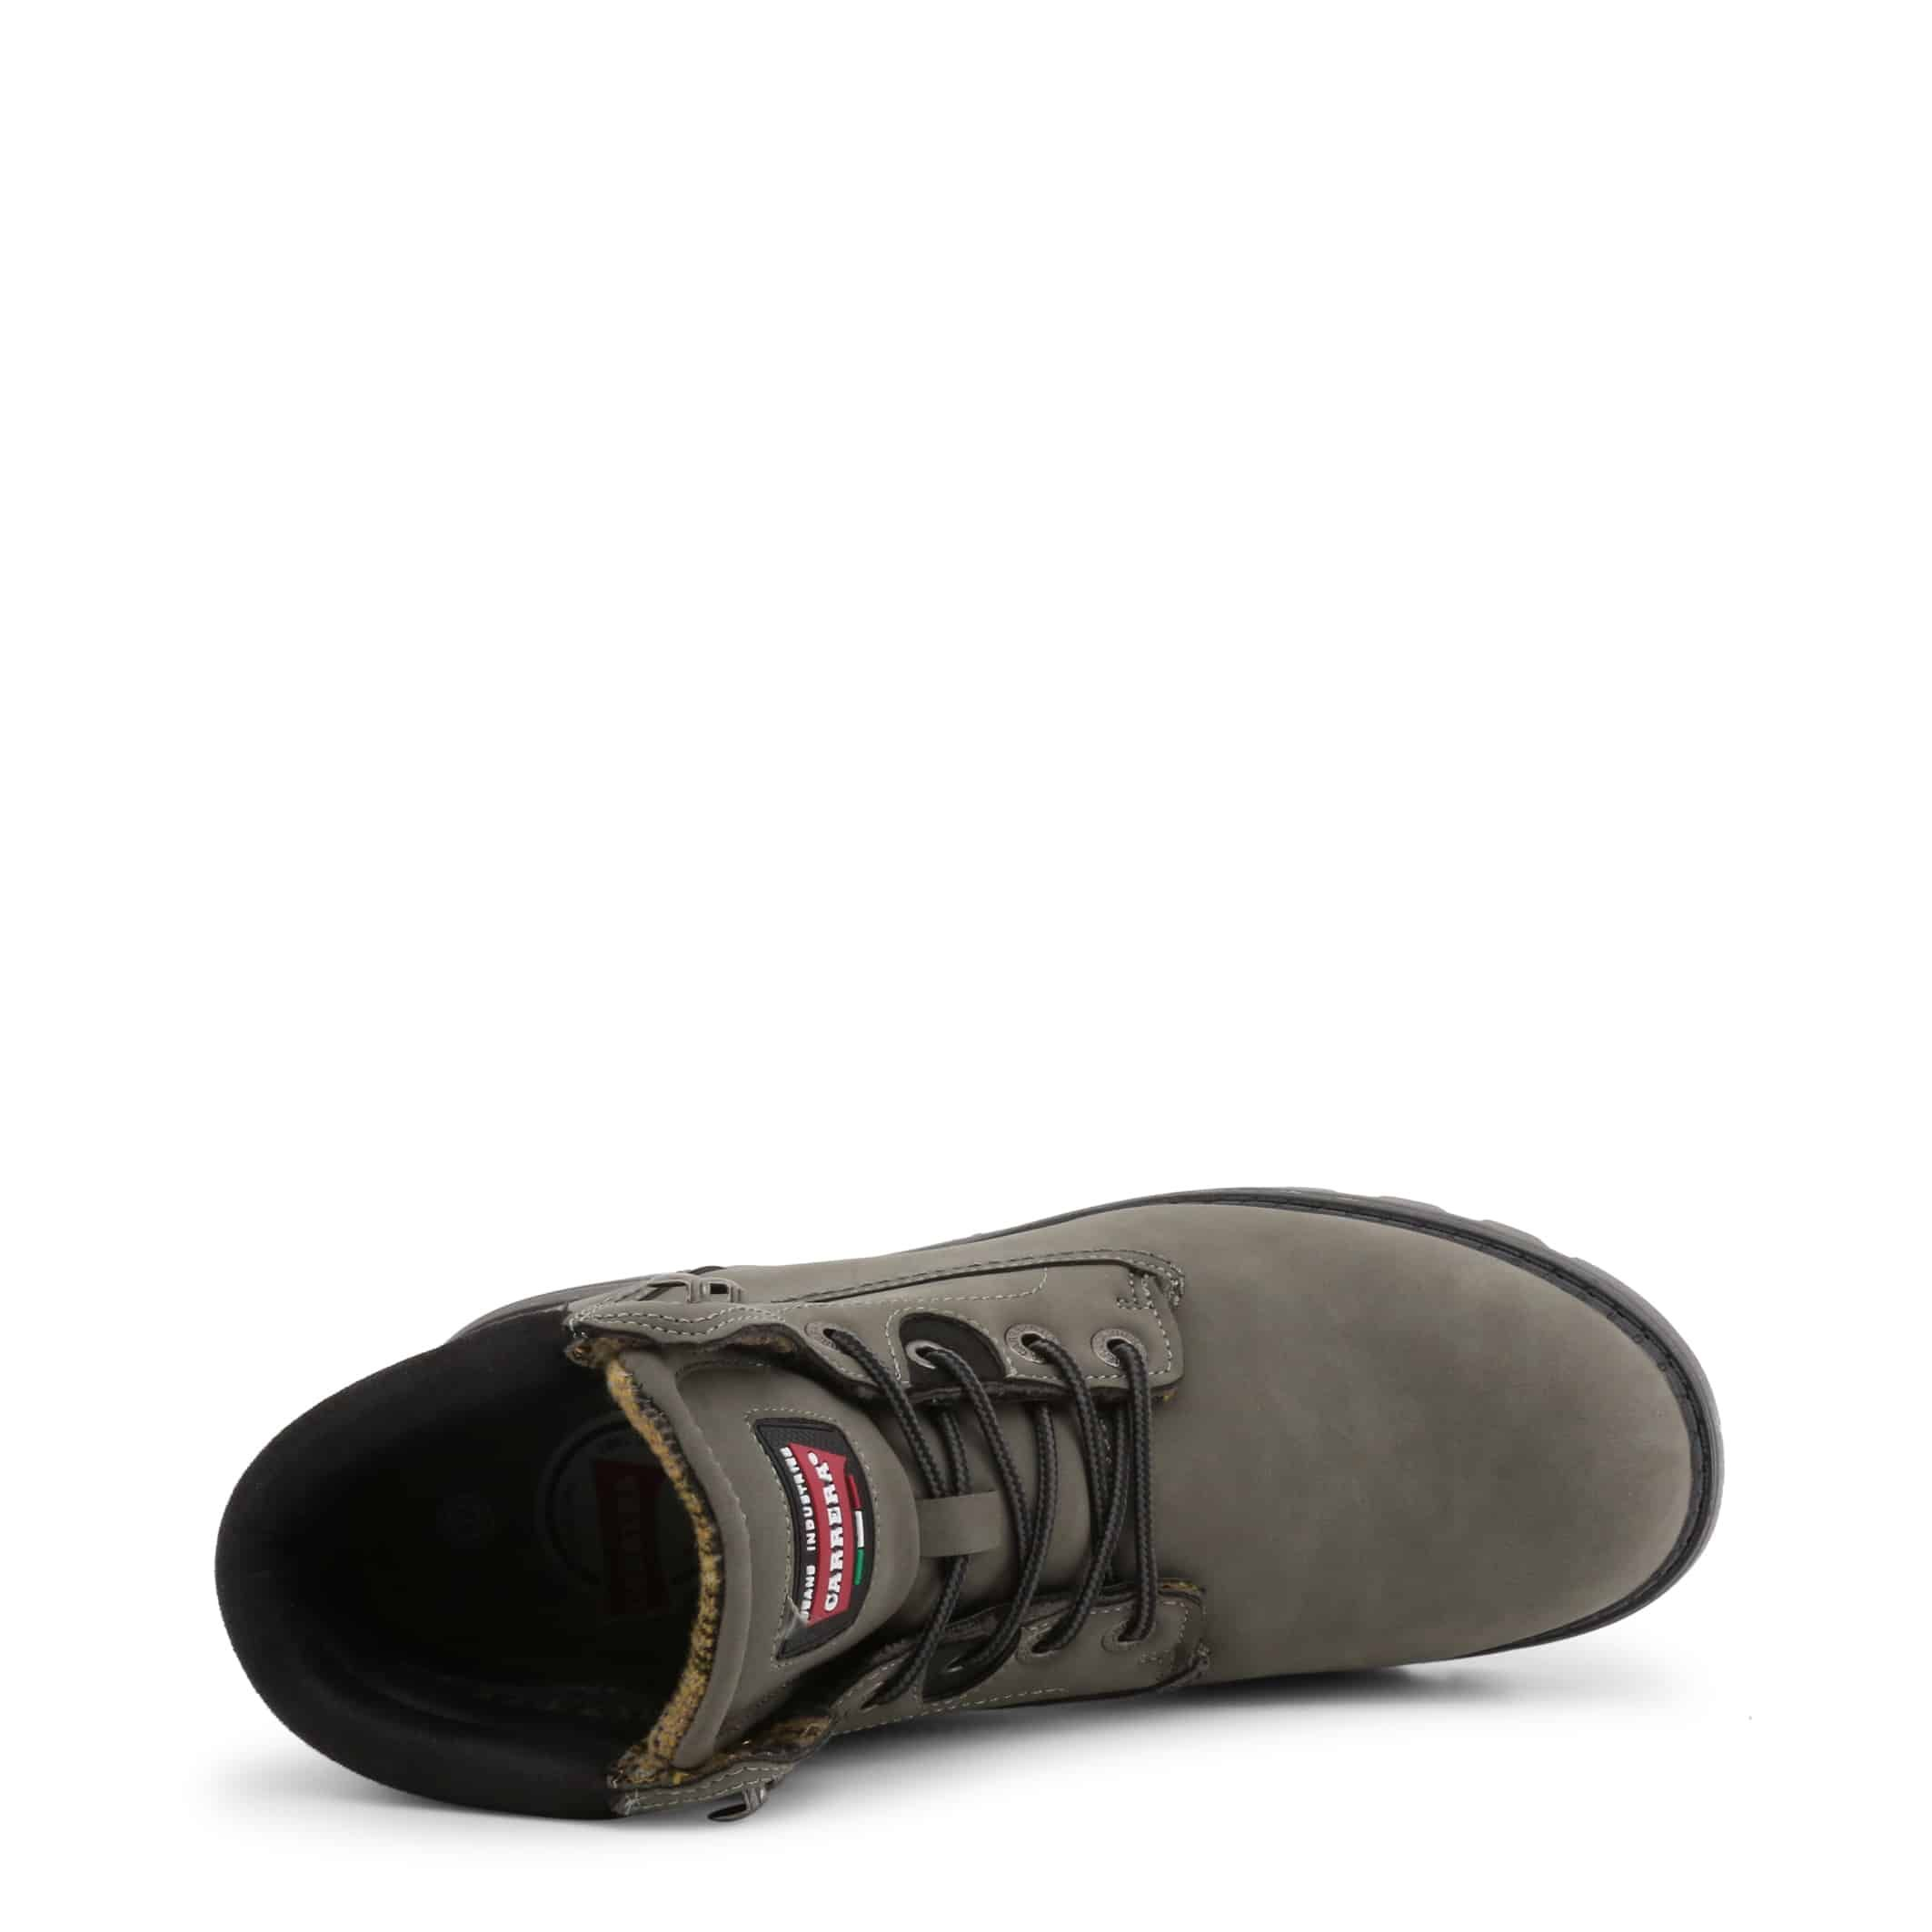 Carrera jeans - cam921000 - grau 3